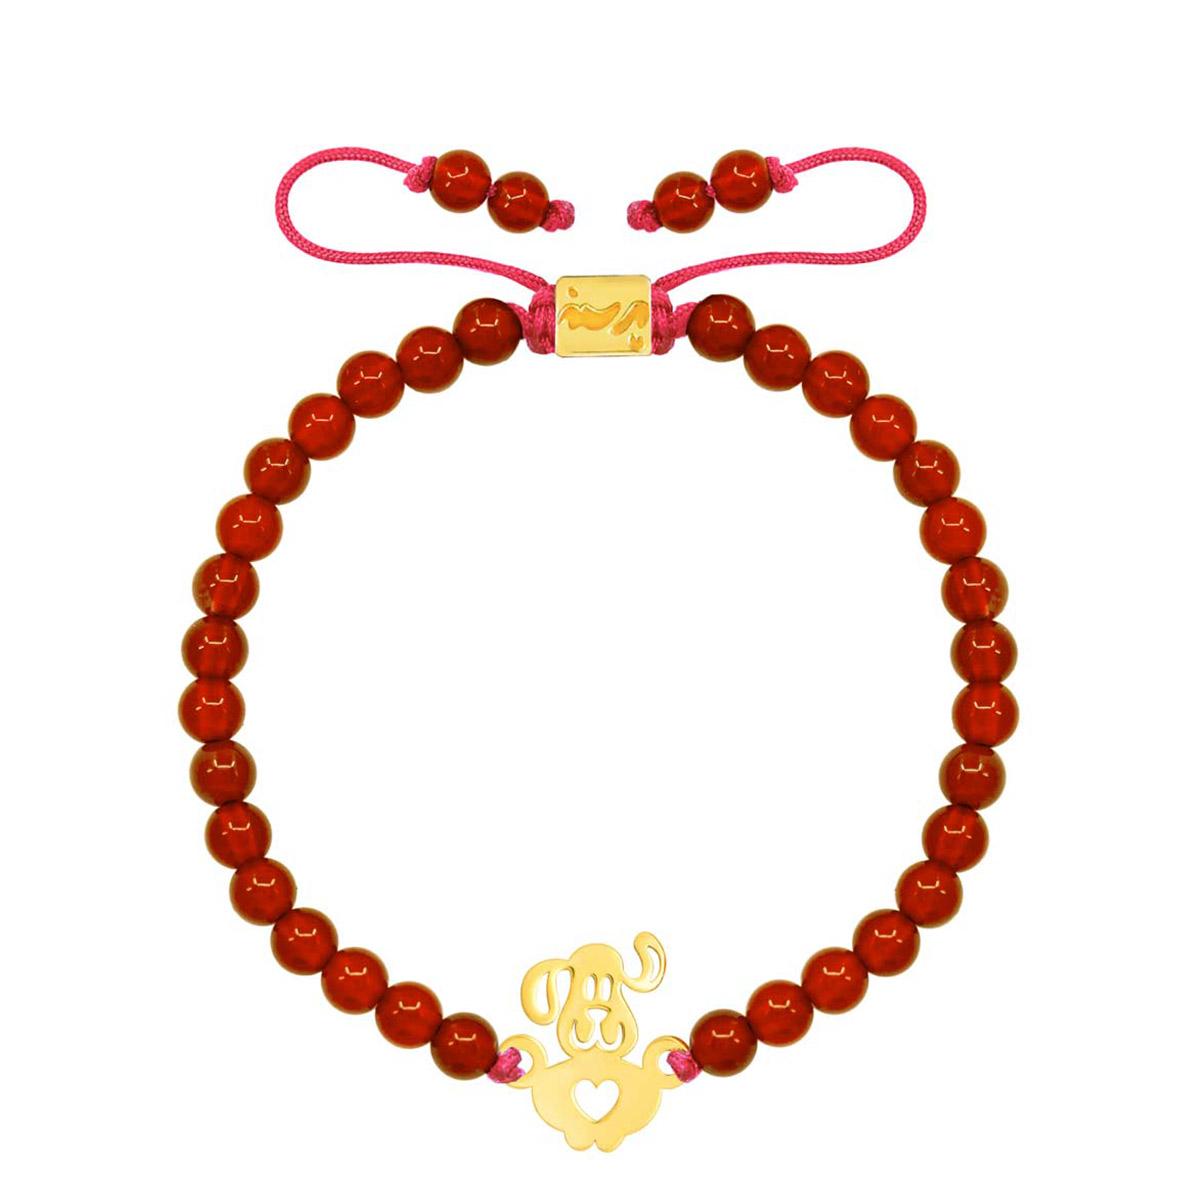 دستبند طلا بچه گانه سنگی PUPPY (پاپی)